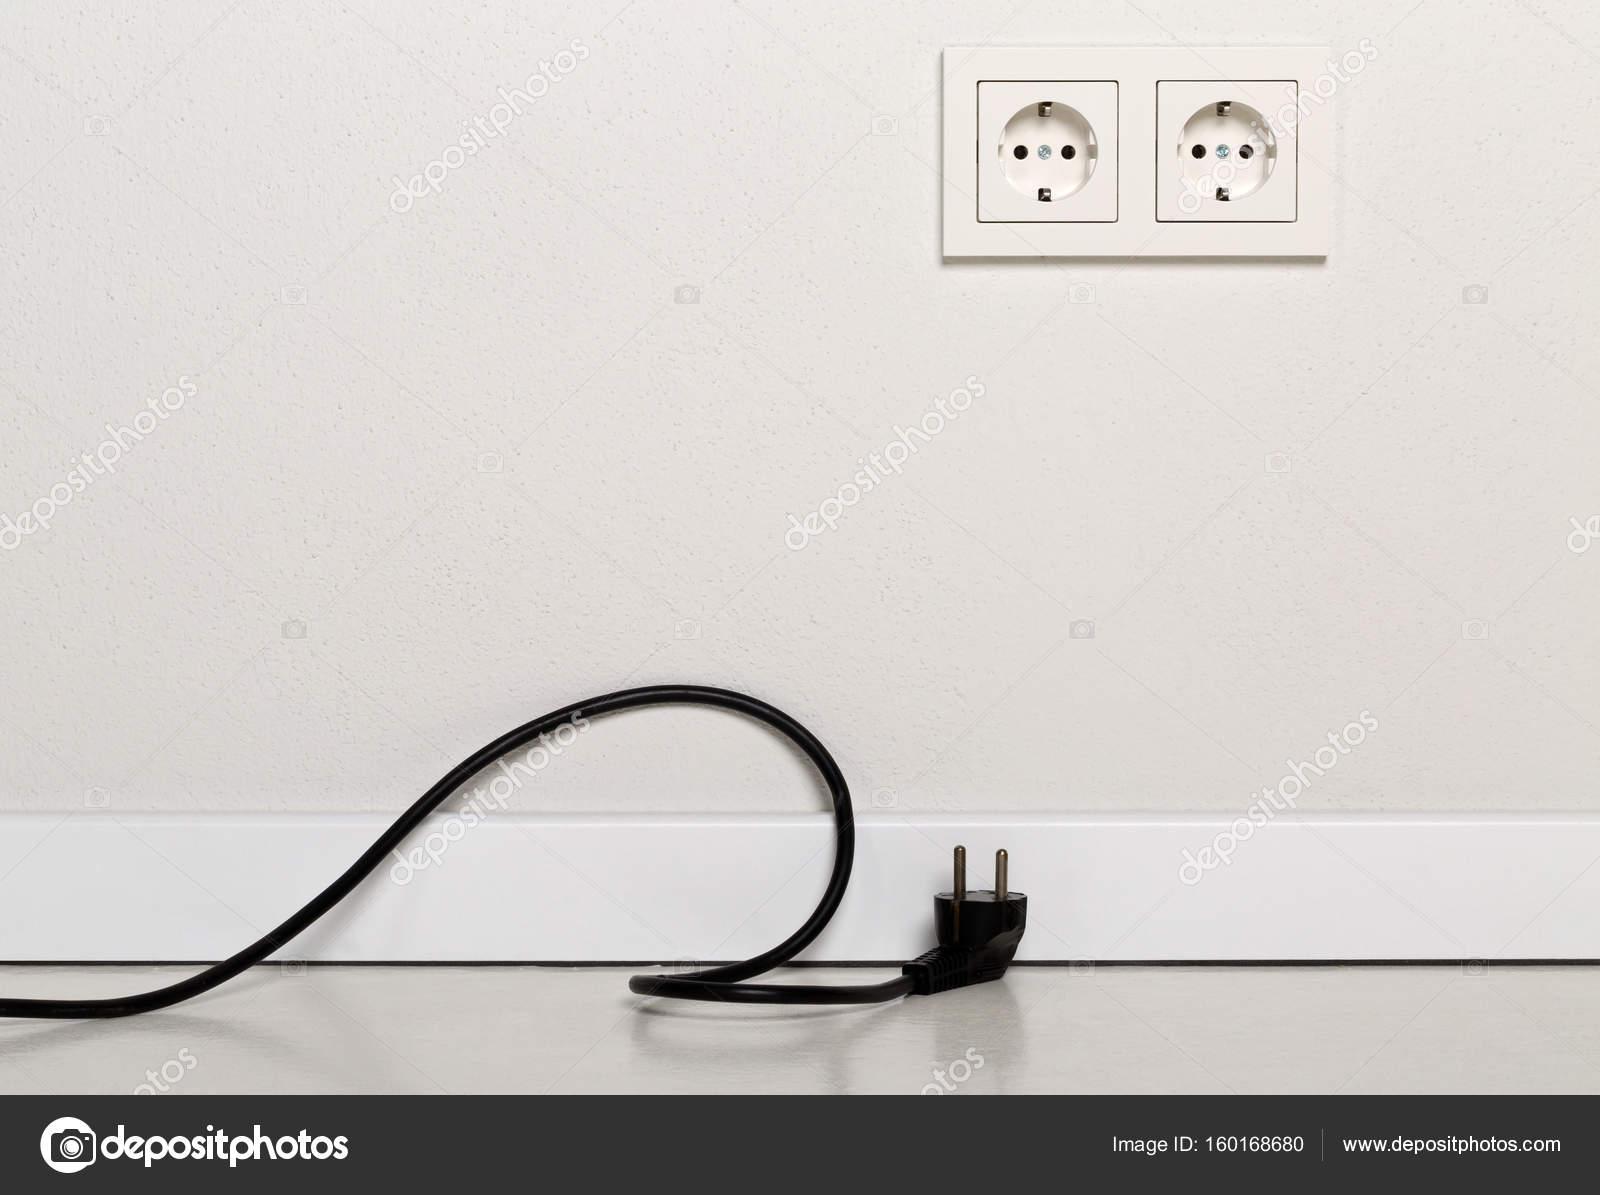 black power kabel kabel angeschlossen wird mit europäischen